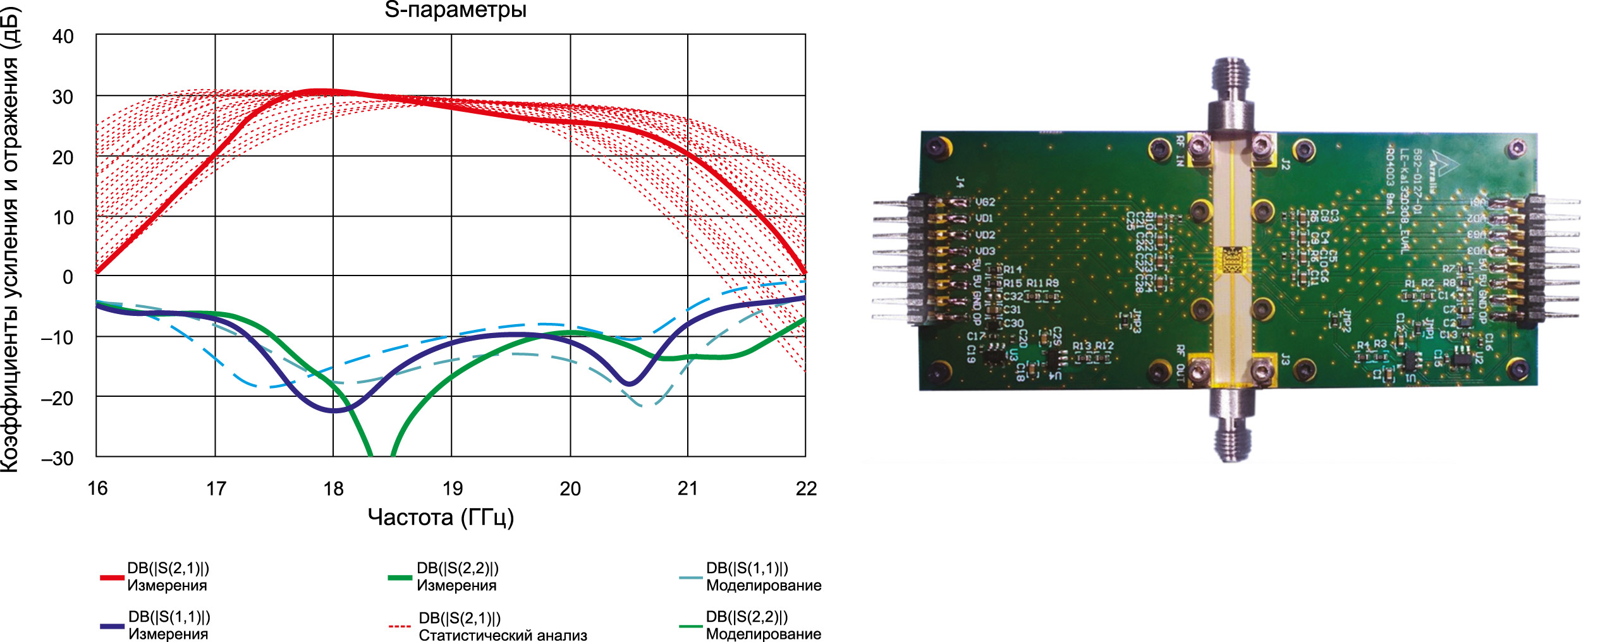 Результаты моделирования с учетом статистического анализа (yield) в сравнении с результатами измерений опорной платы LE-Ka1330308 (справа) в режиме малого сигнала. Жирным линиям соответствуют результаты измерений